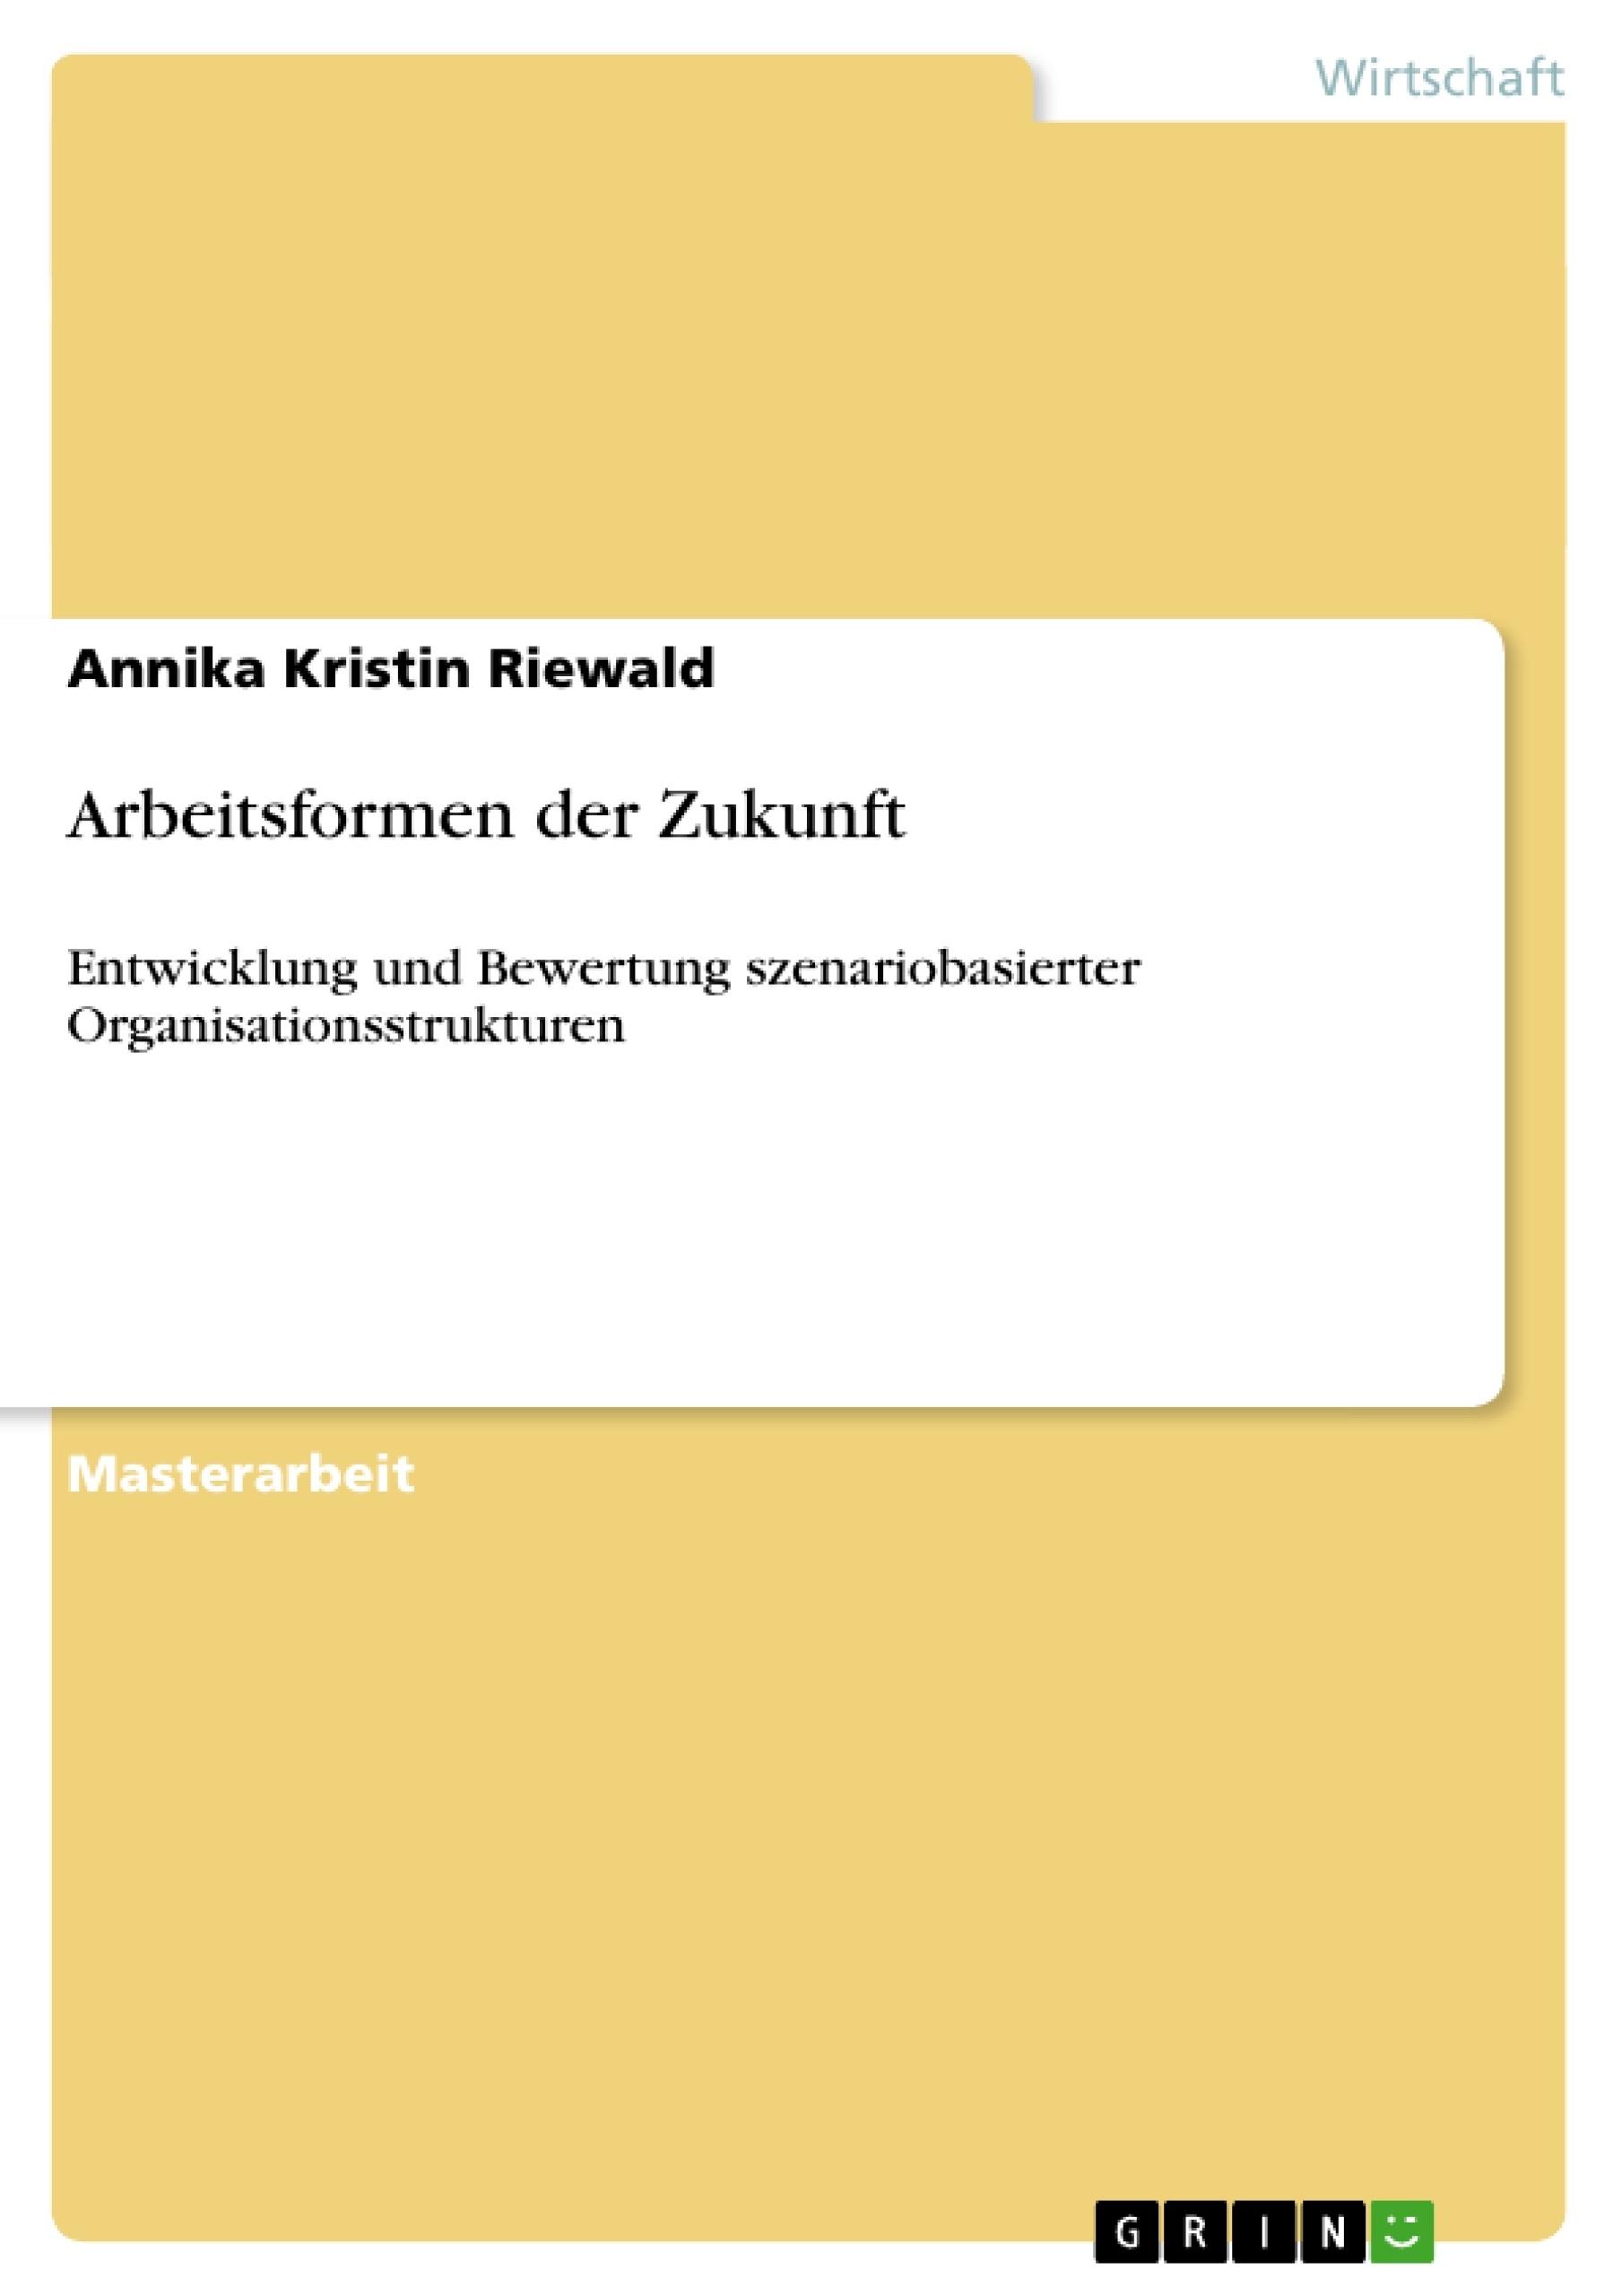 Titel: Arbeitsformen der Zukunft